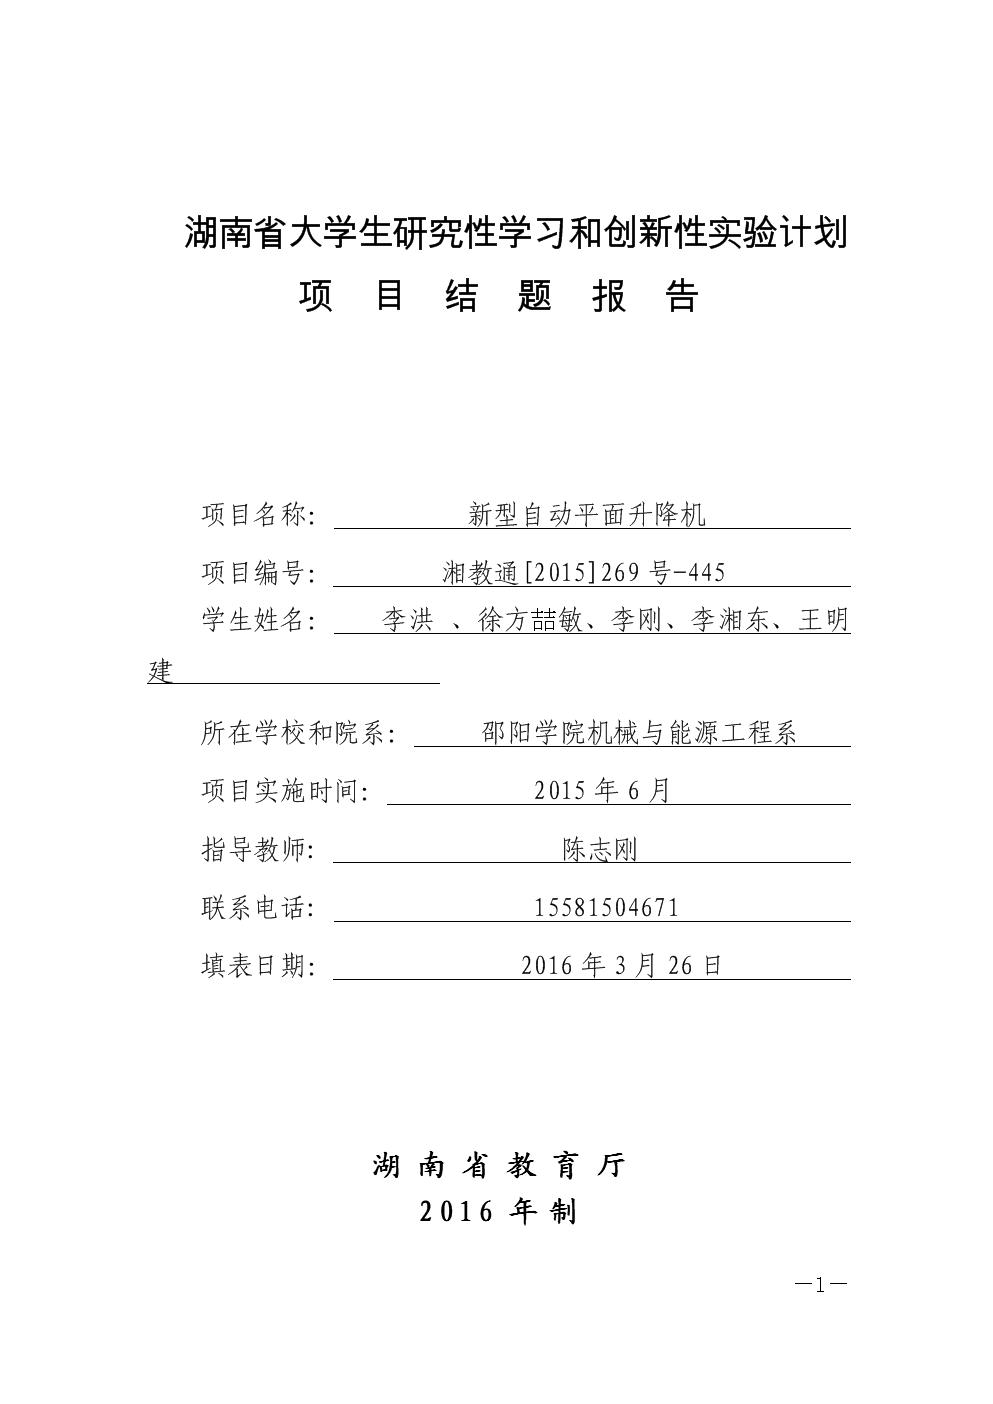 湖南省大学生研究性学习和创新性实验计划 项图片